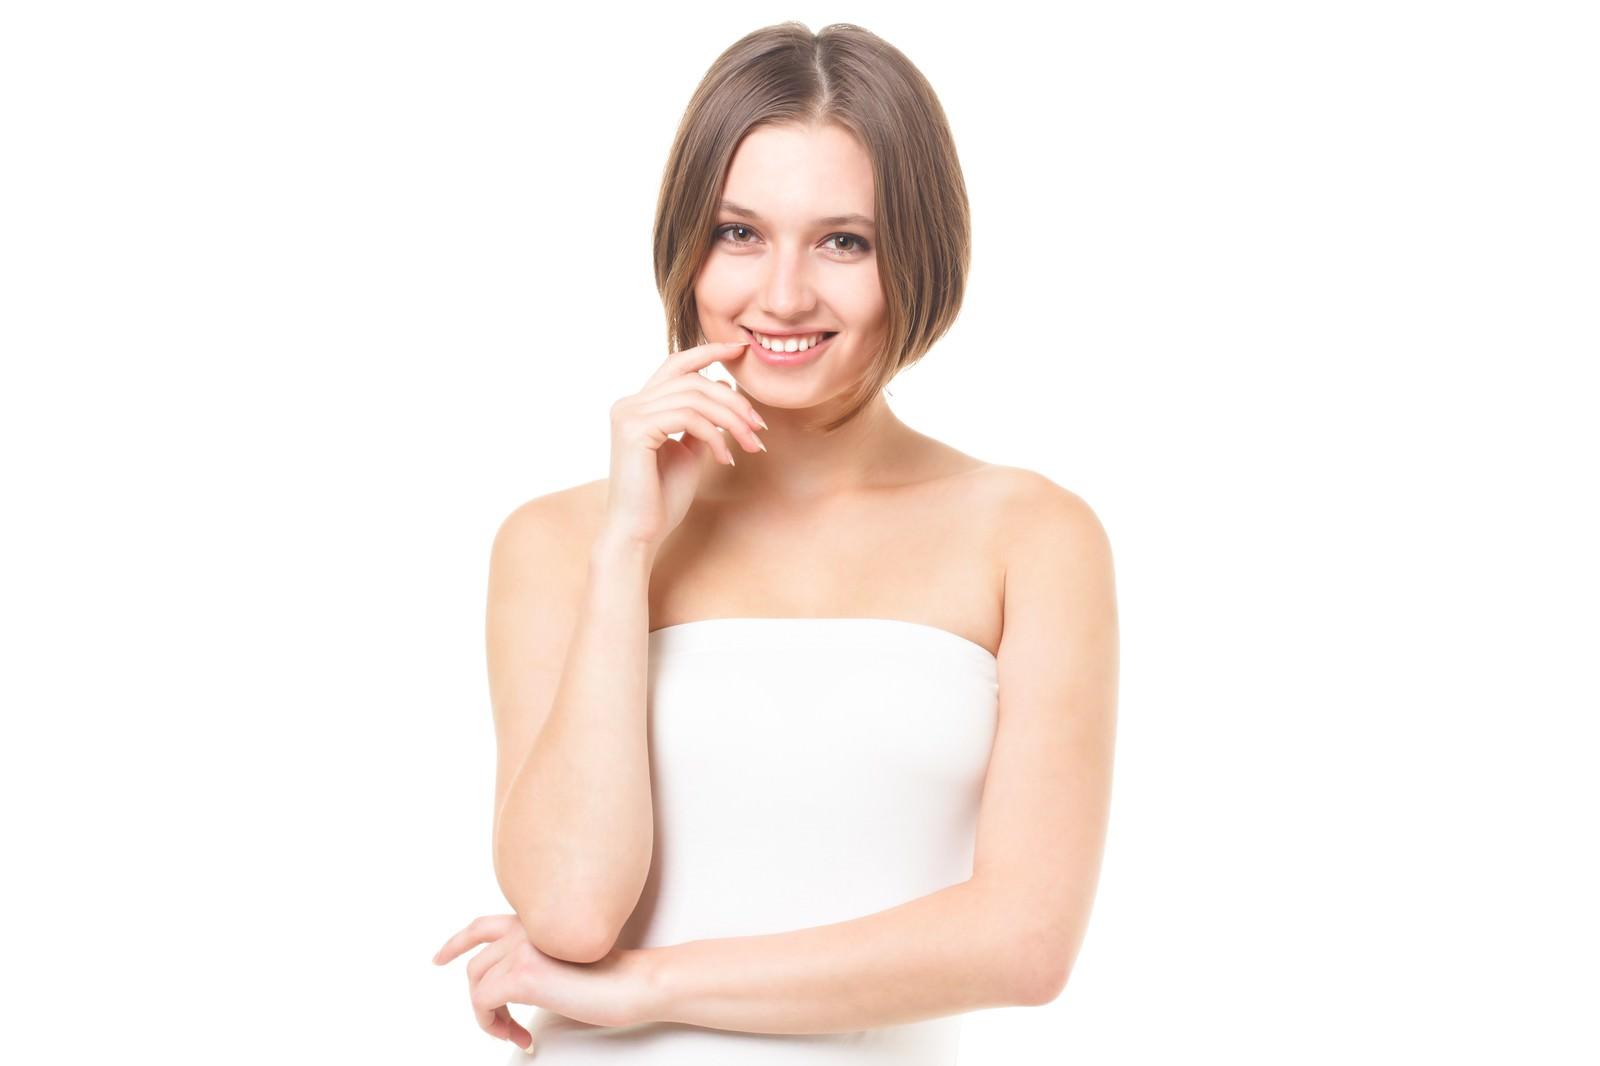 「ボディケアを欠かさないロシア人美女ボディケアを欠かさないロシア人美女」[モデル:モデルファクトリー]のフリー写真素材を拡大